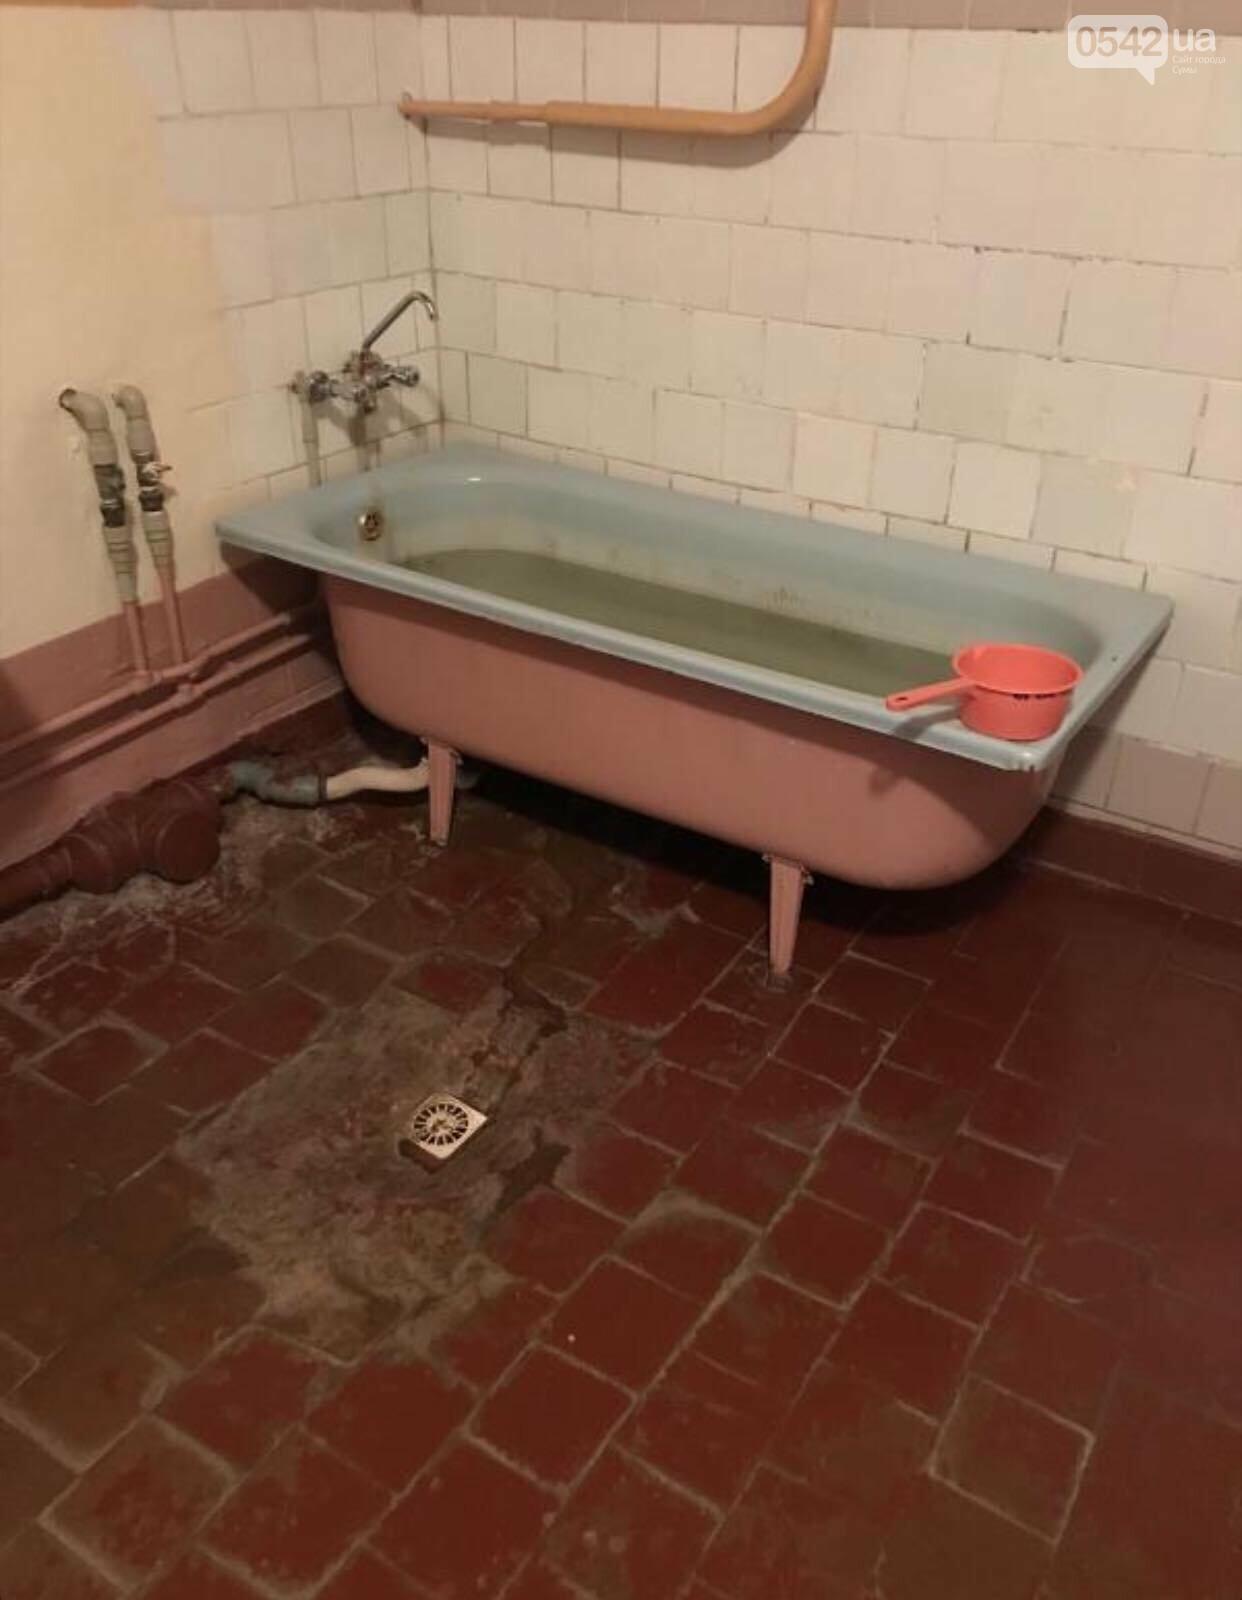 Кімната для ванних процедур в дитячій обласній лікарні в жахливому стані , фото-1